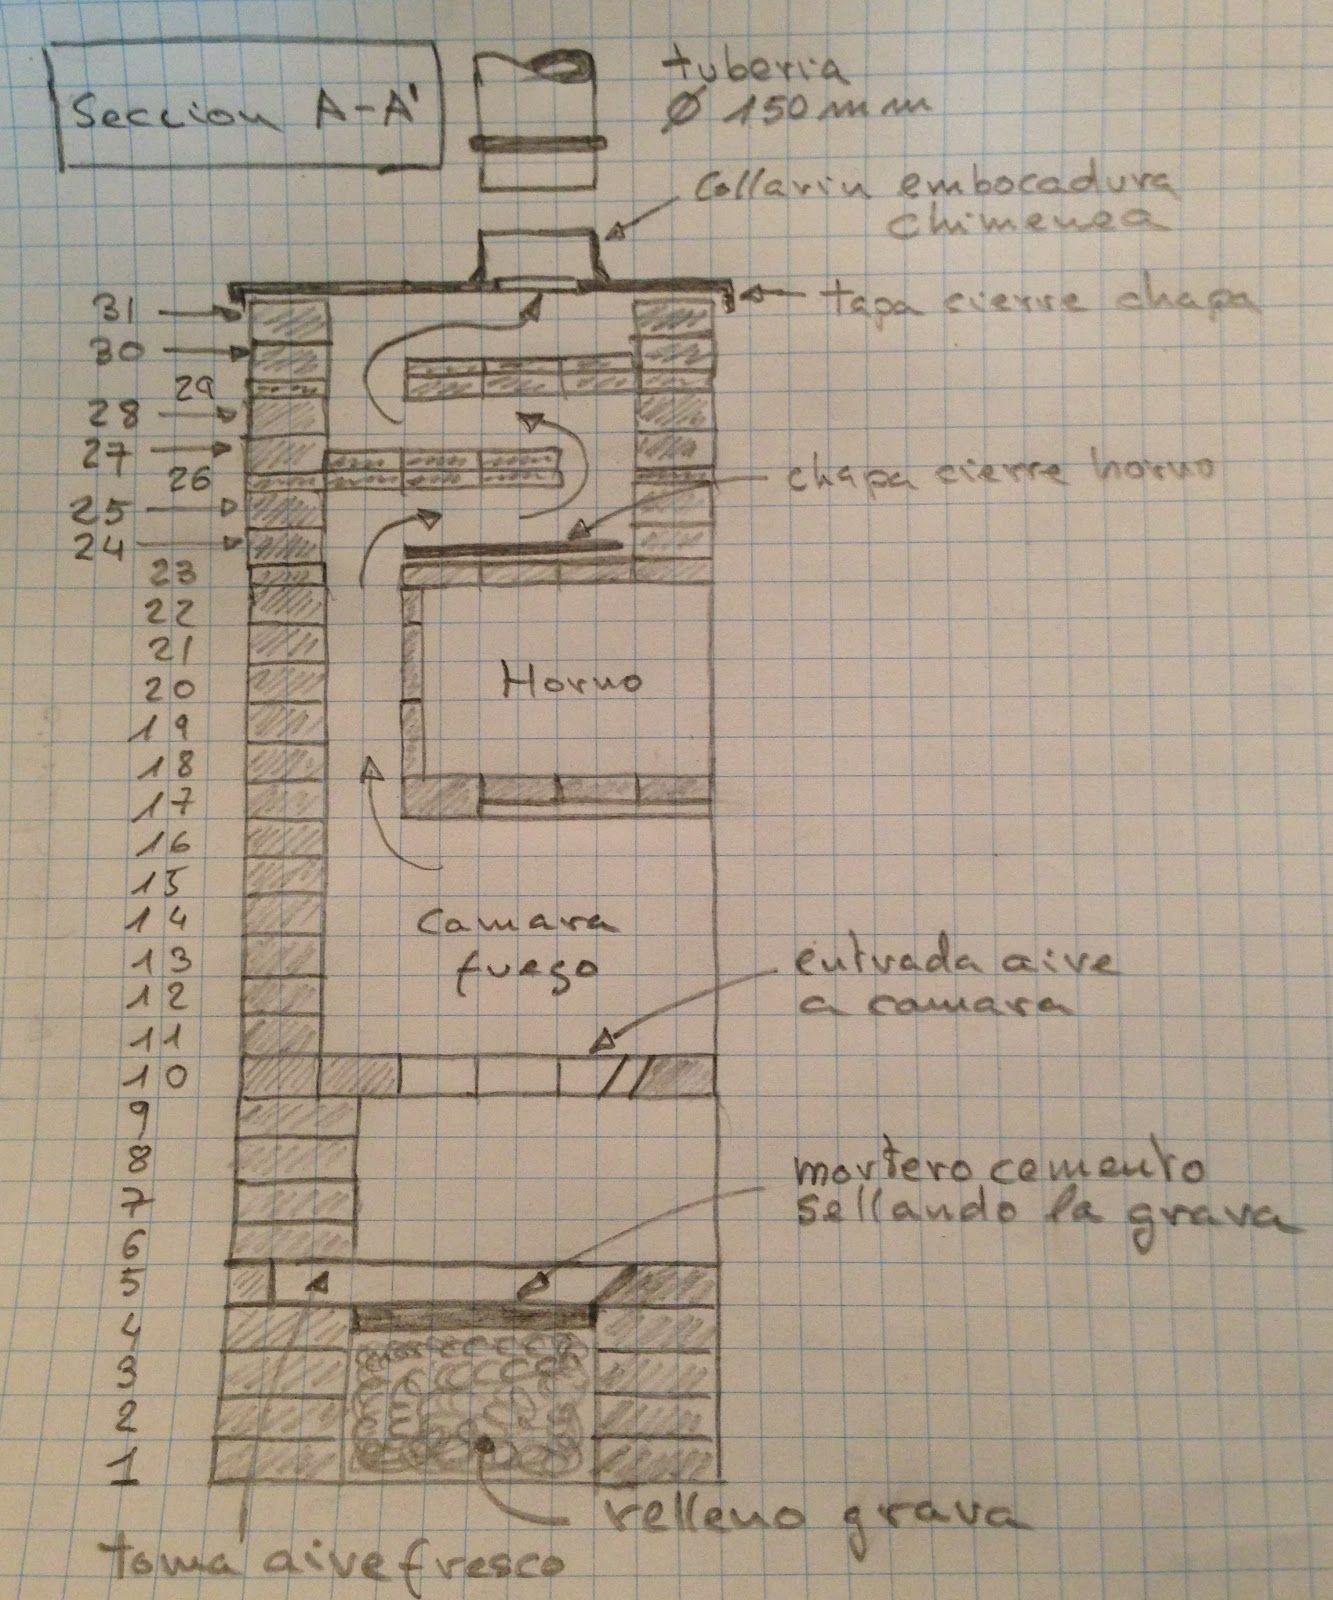 Plano de estufa rusa con horno buscar con google for Estufas de lena rusas